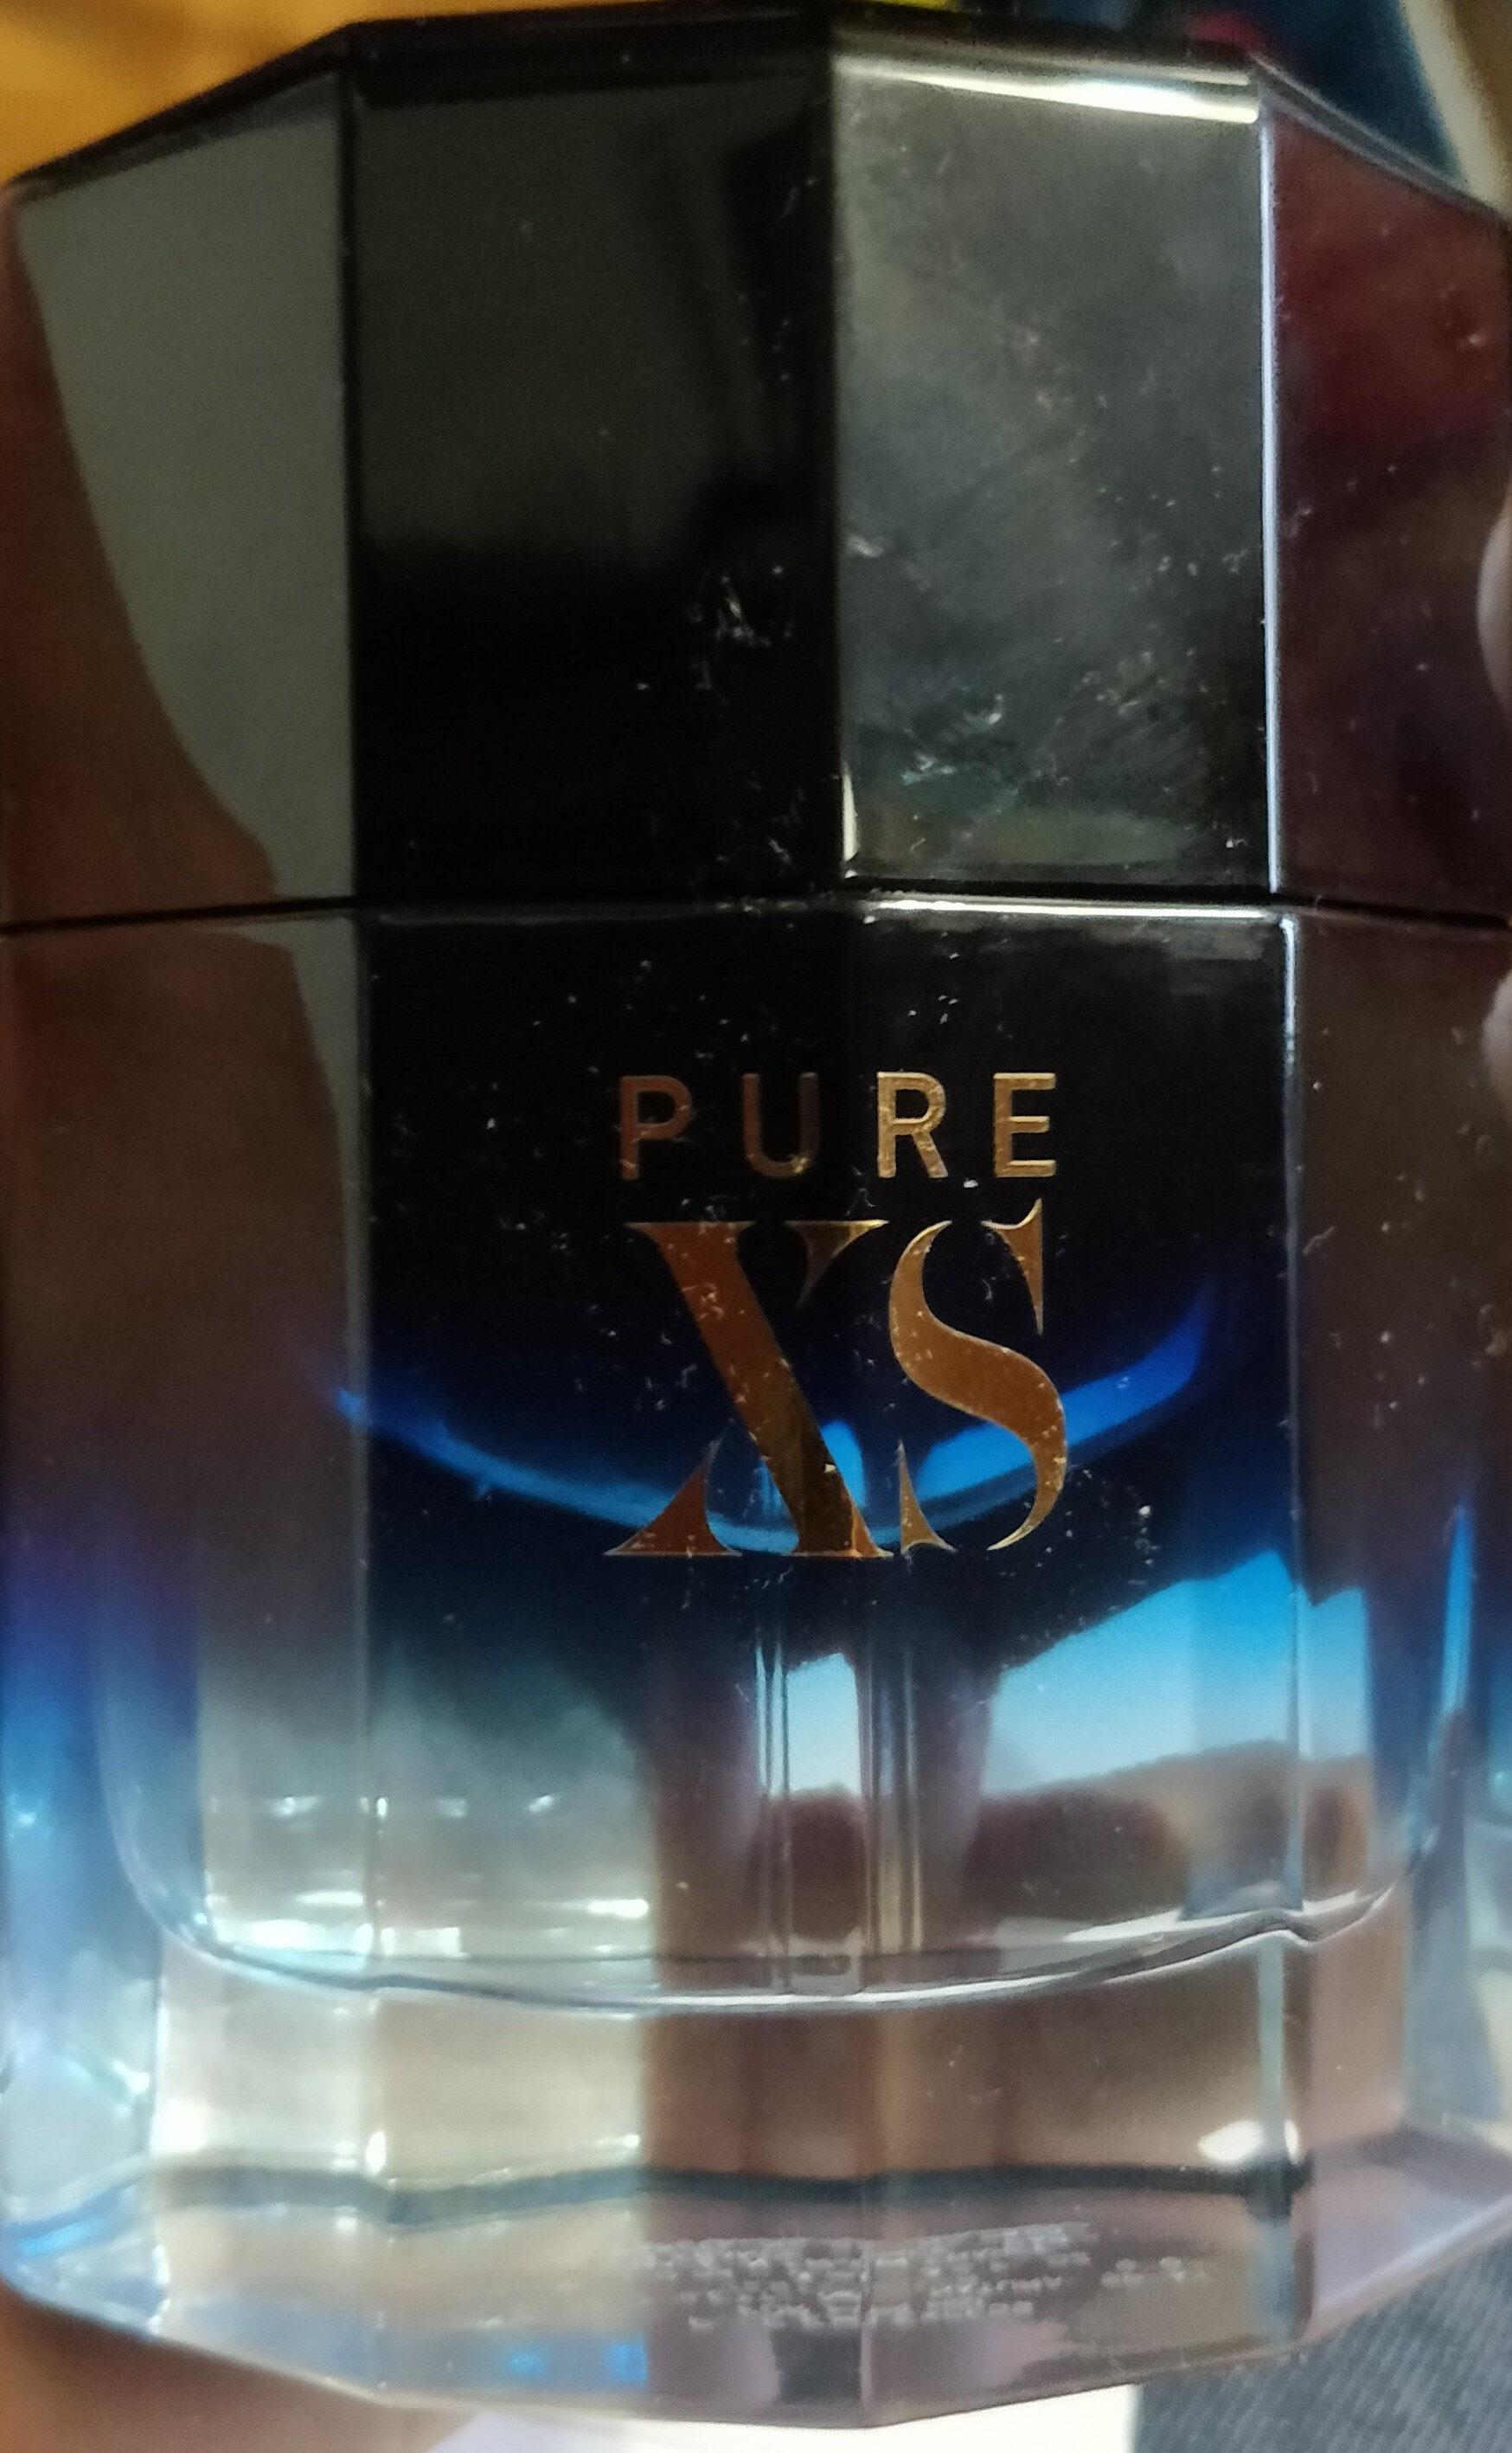 pure xs - Produit - it